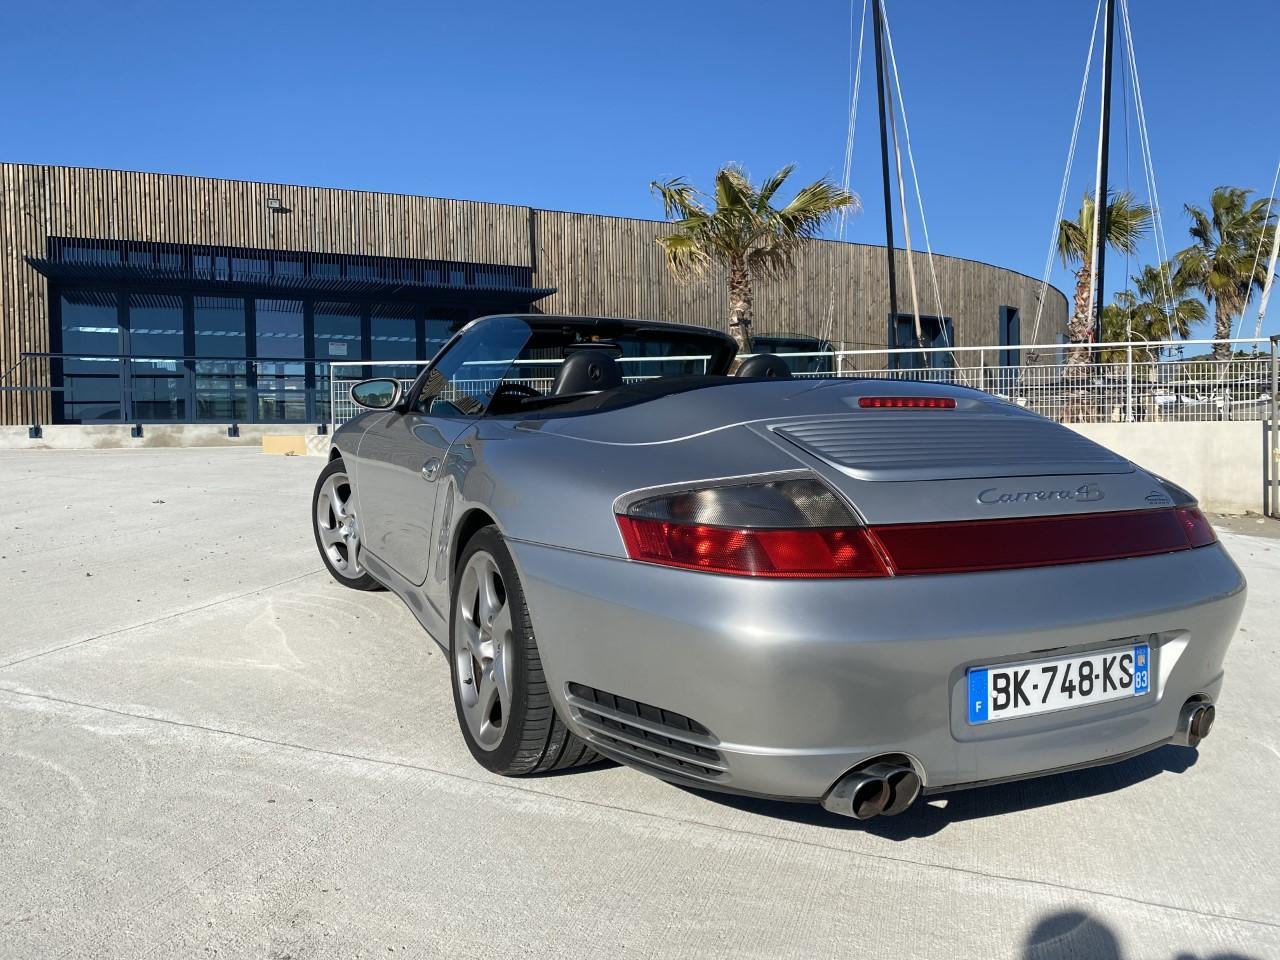 Porsche 996 Carrera 4S Cab (Porsche 996)